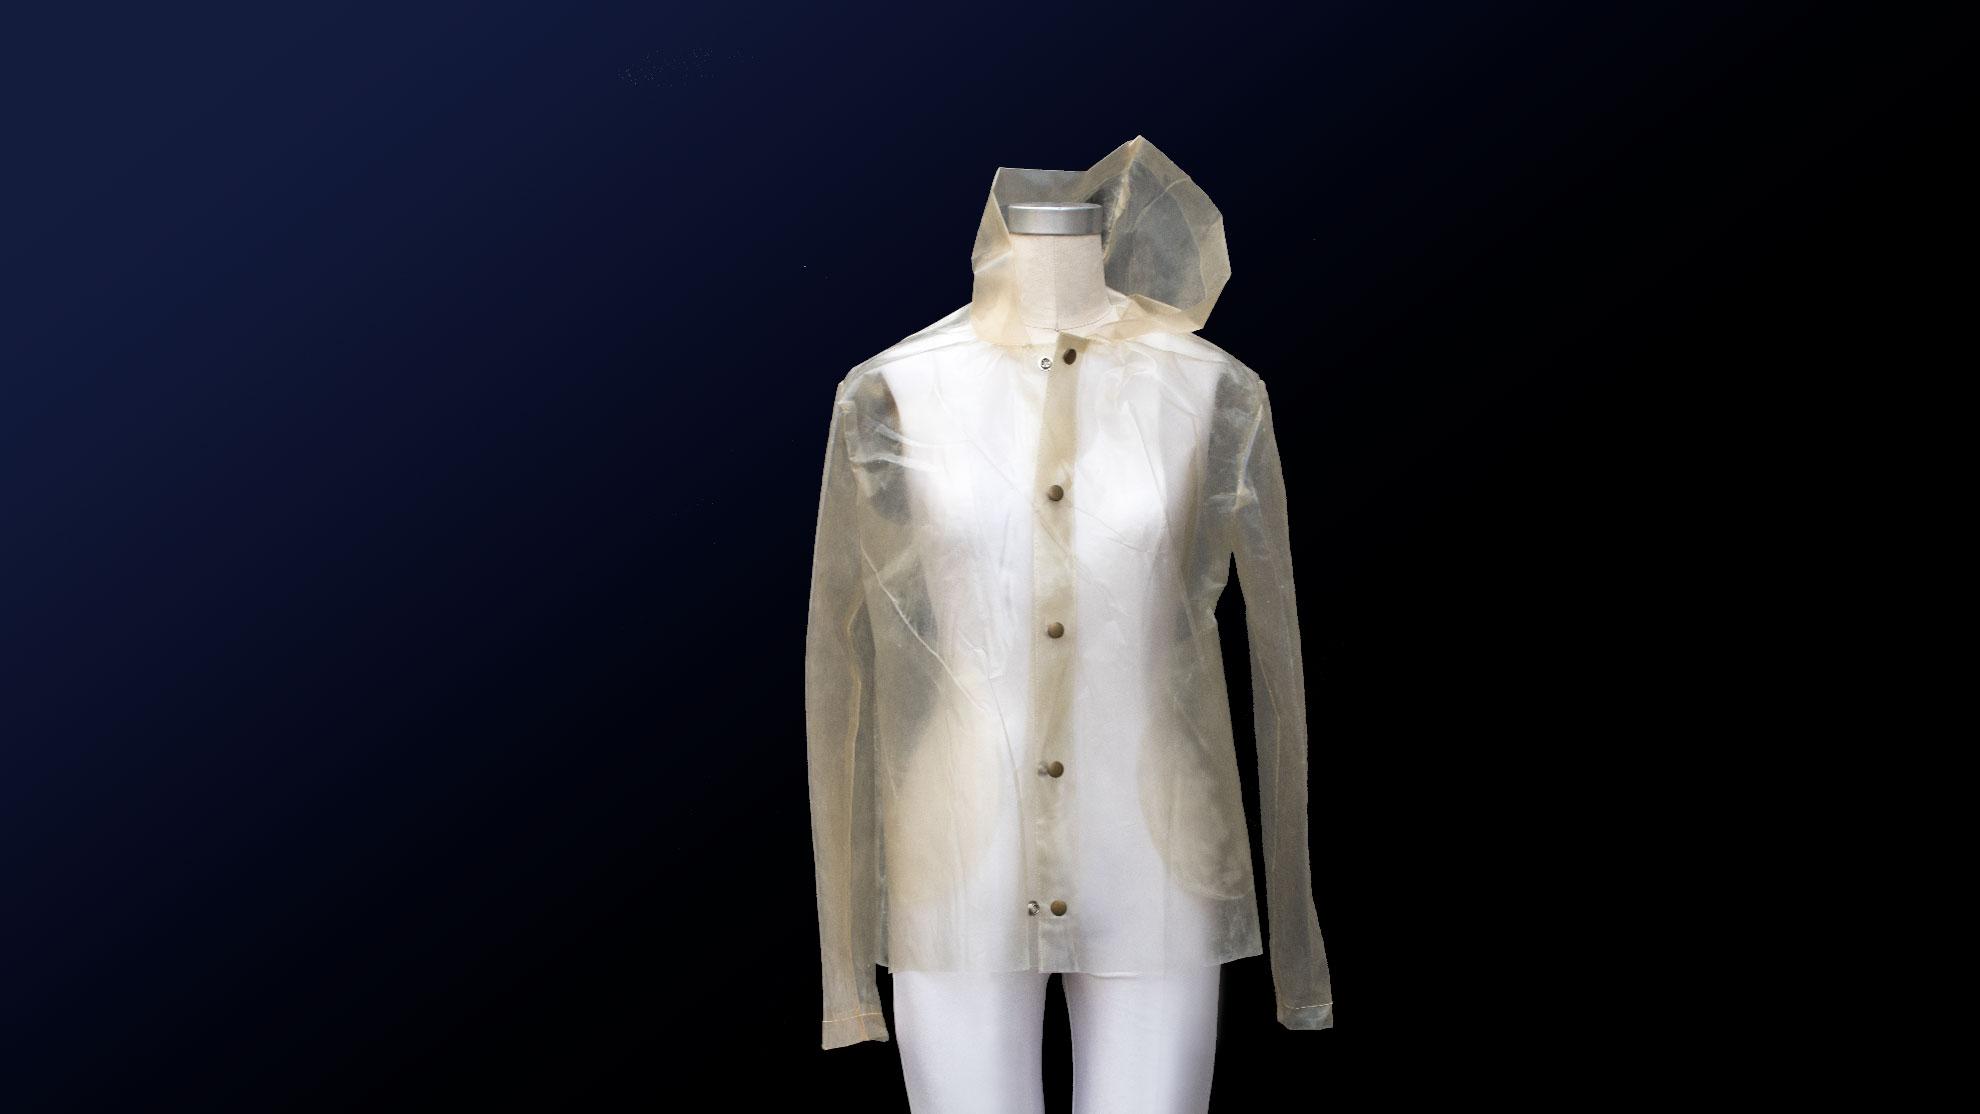 Carbon Negative Algae Plastic Raincoat